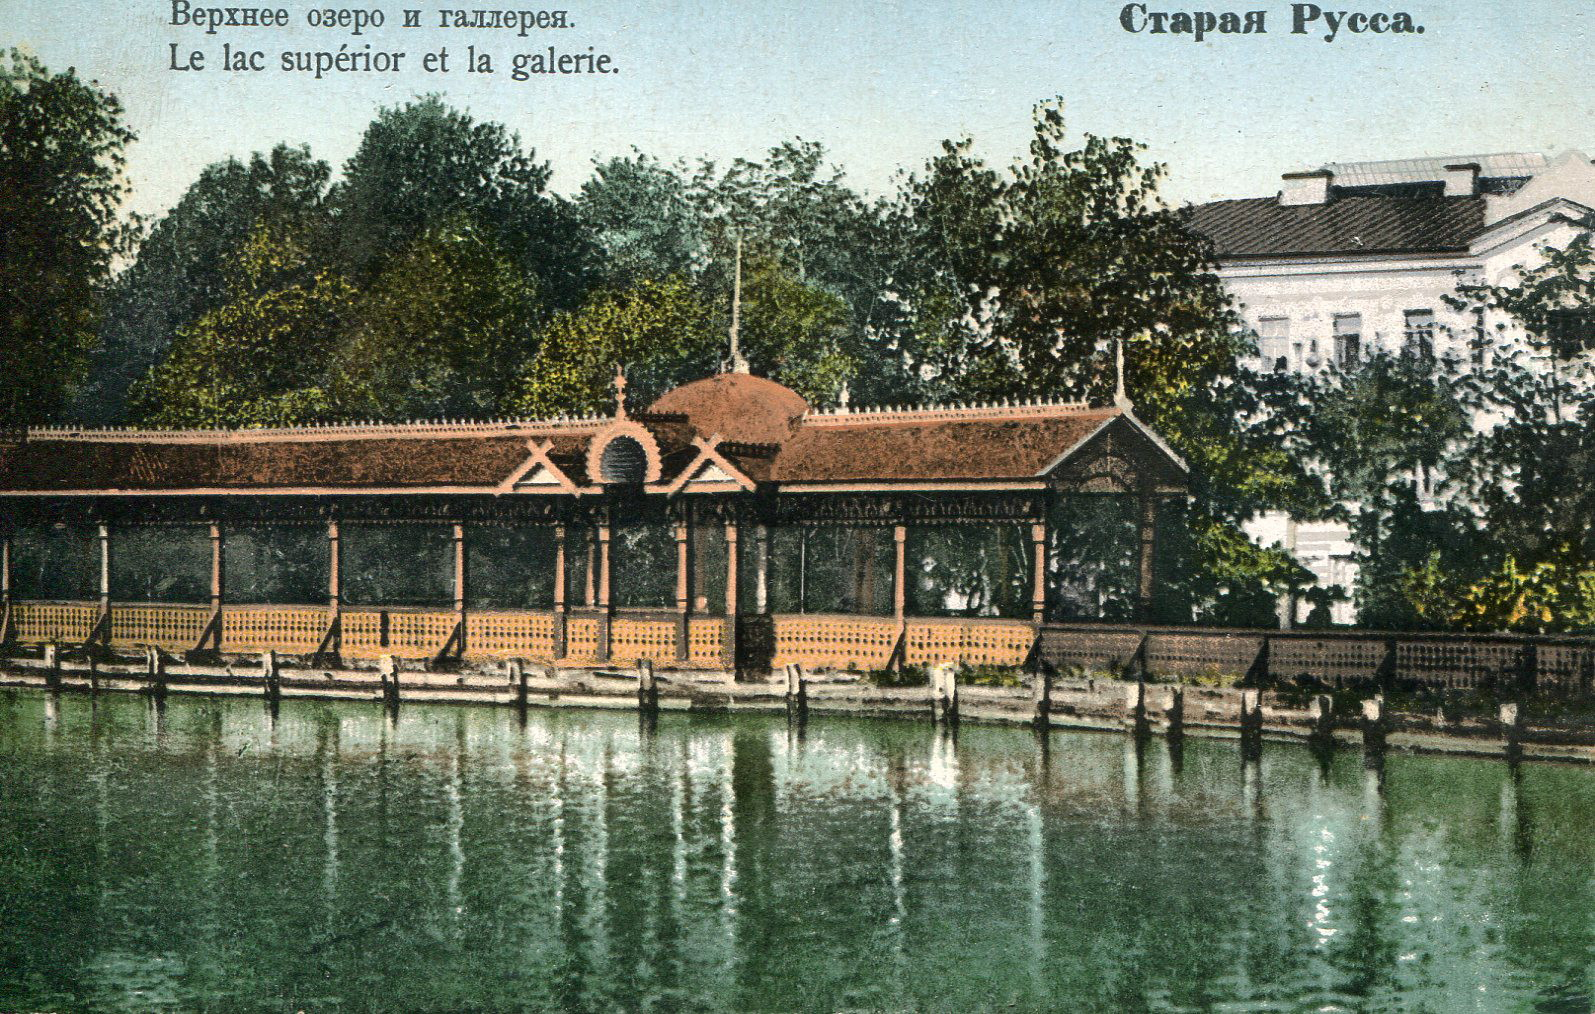 Верхнее озеро и галереи